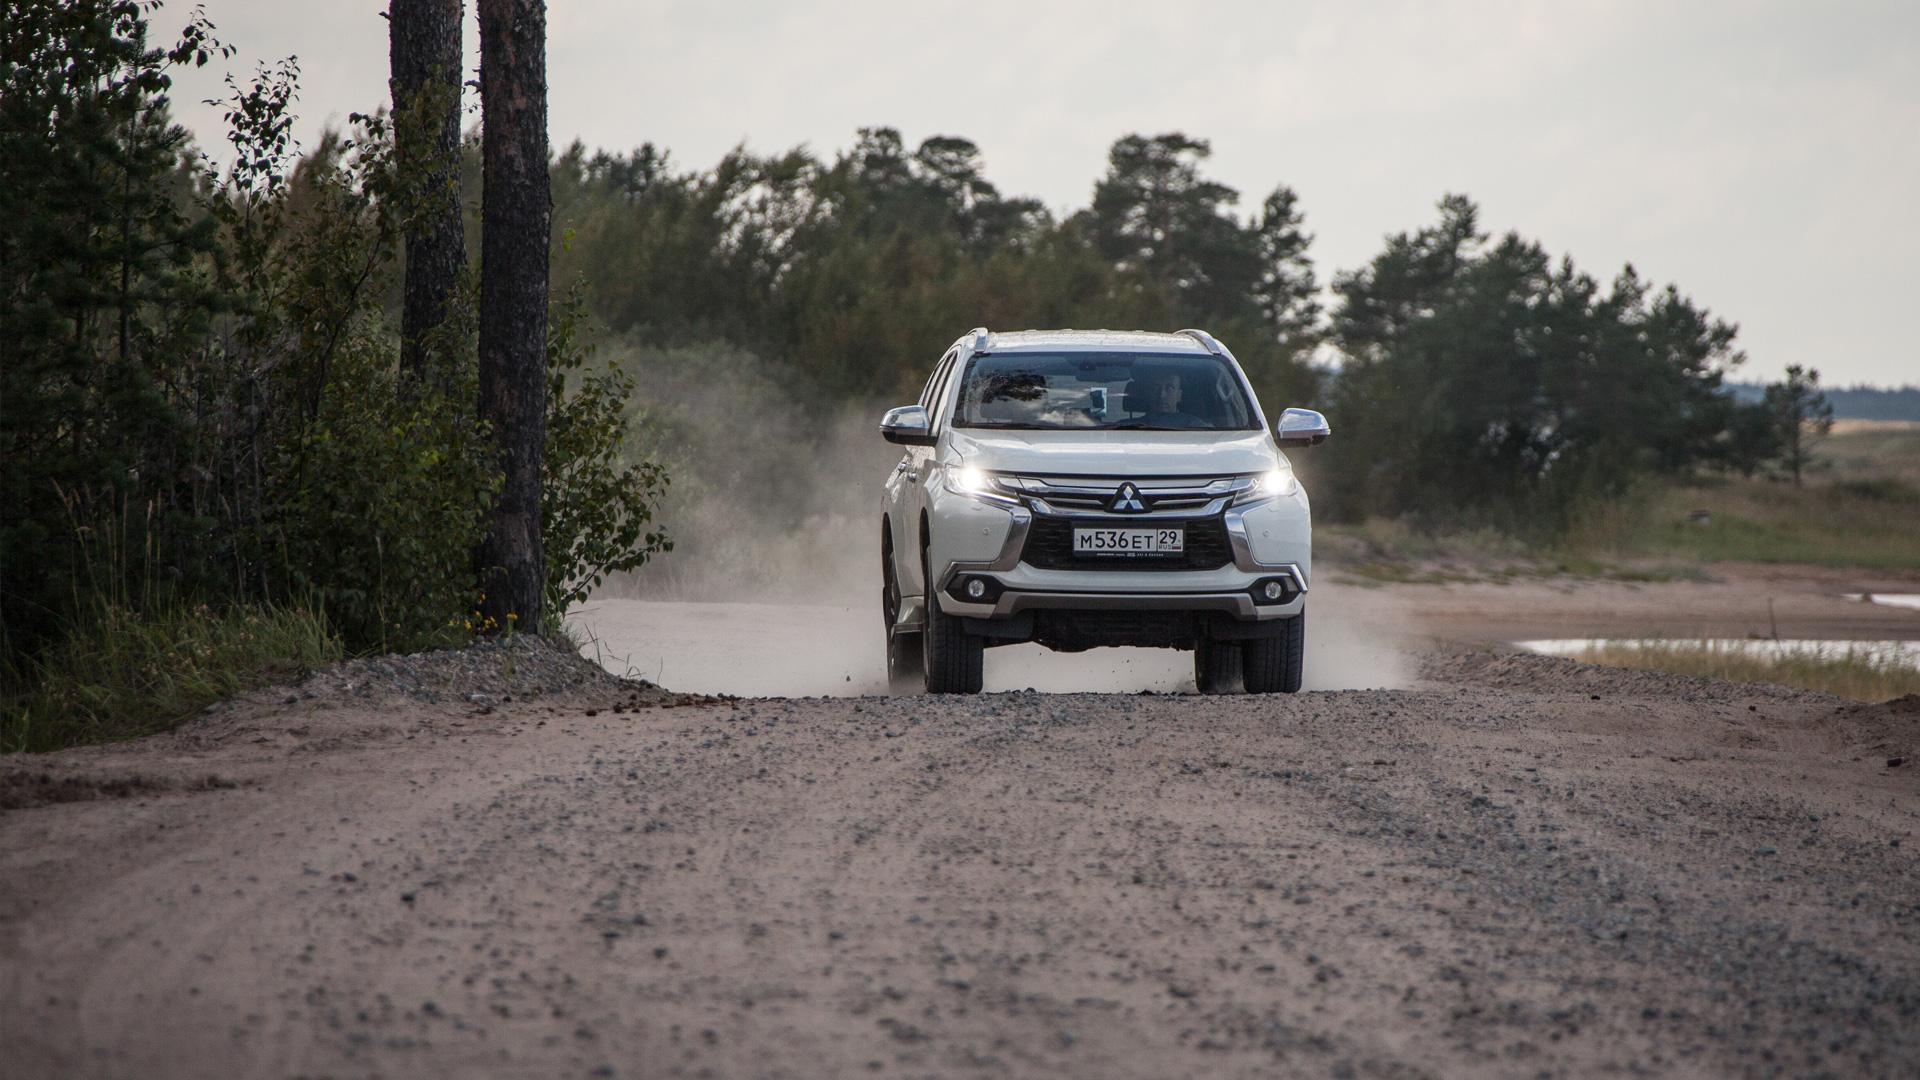 Сохранилли новый Mitsubishi Pajero Sport свою суровость и страшноли нанем заезжать вглушь. Фото 5